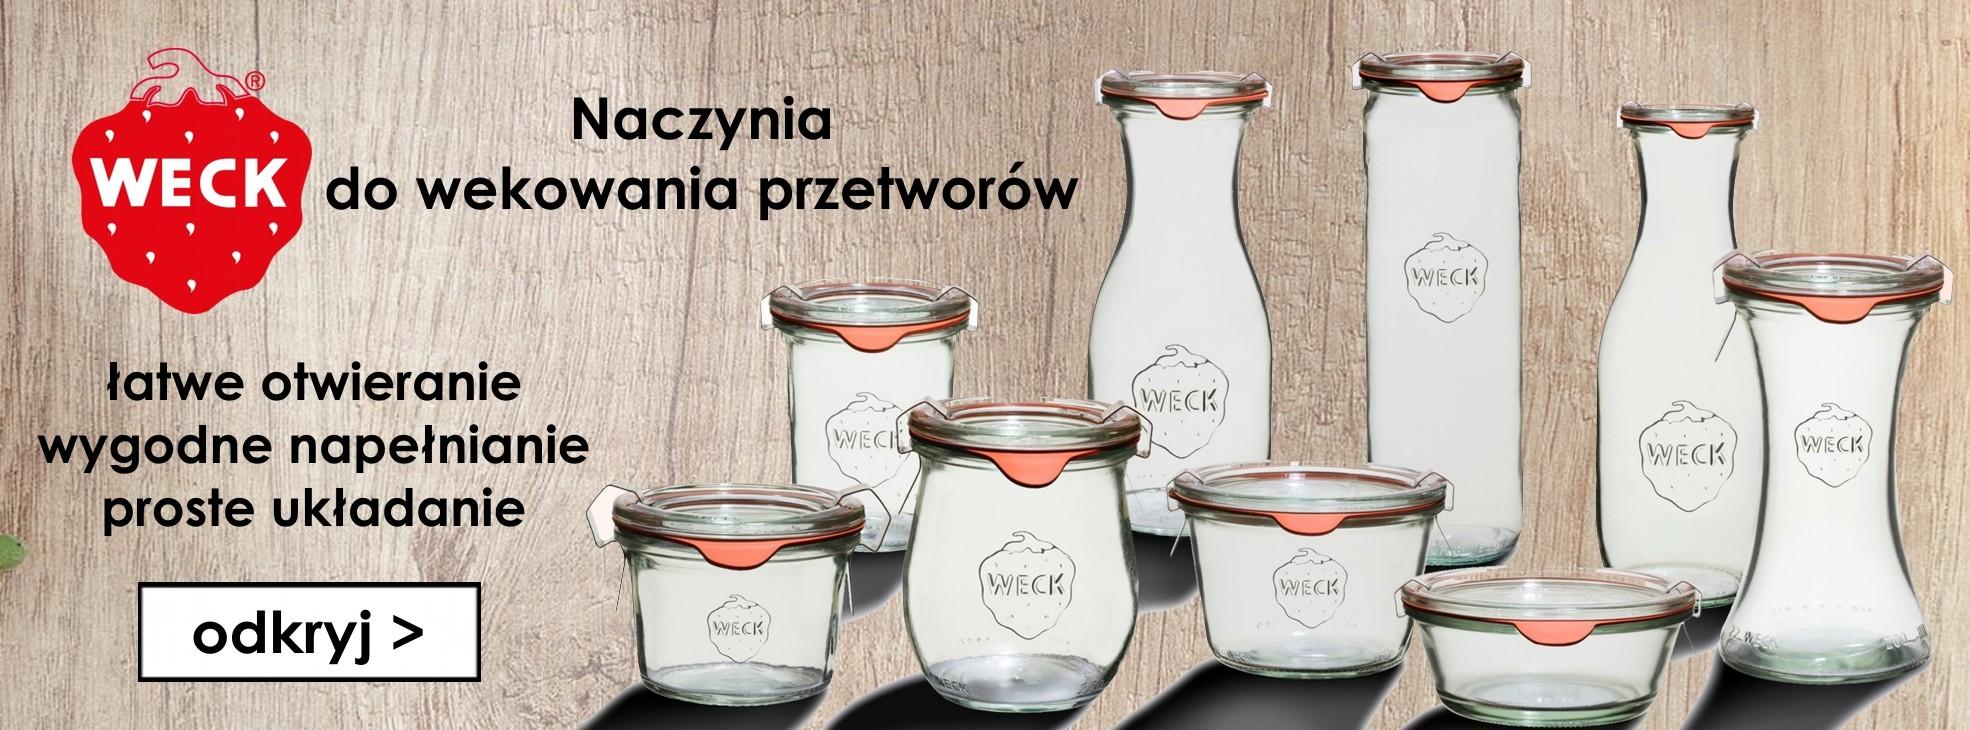 Nowość: szklane naczynia do przetworów marki WECK